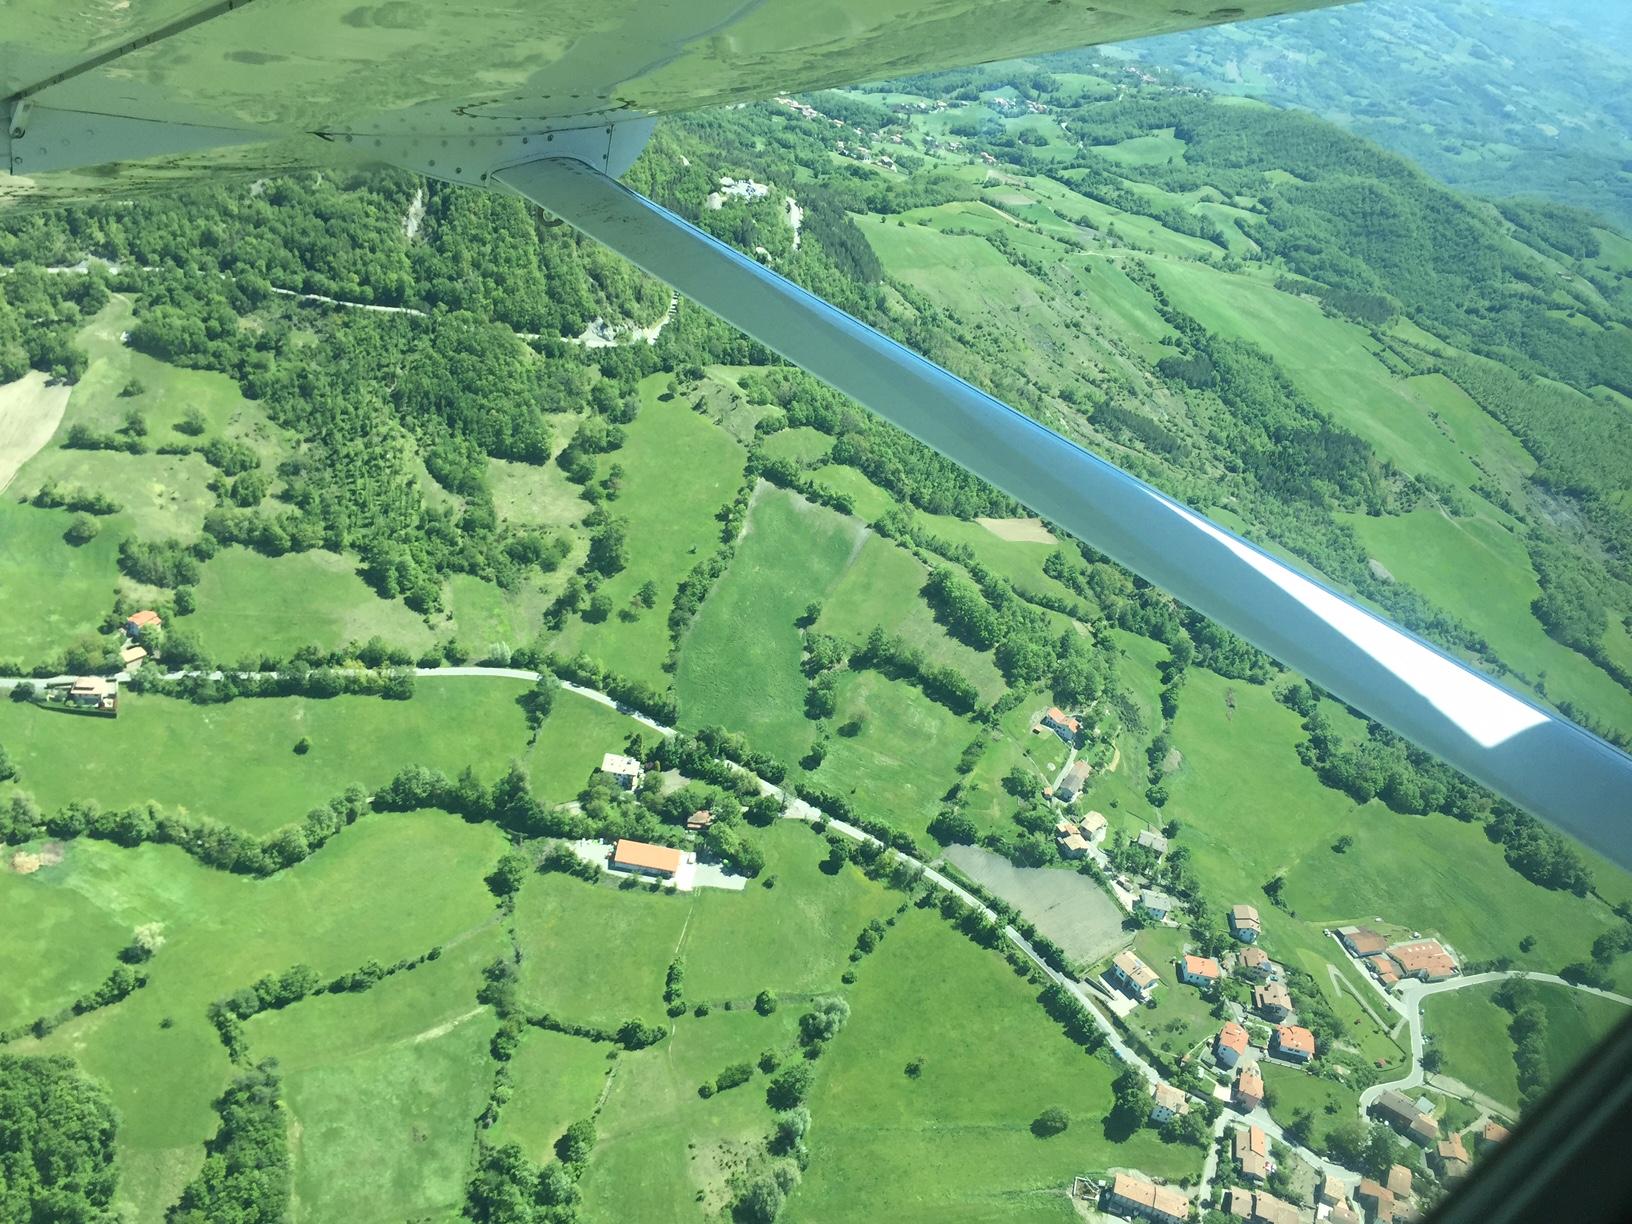 Vista dall'alto di Reggio Emilia